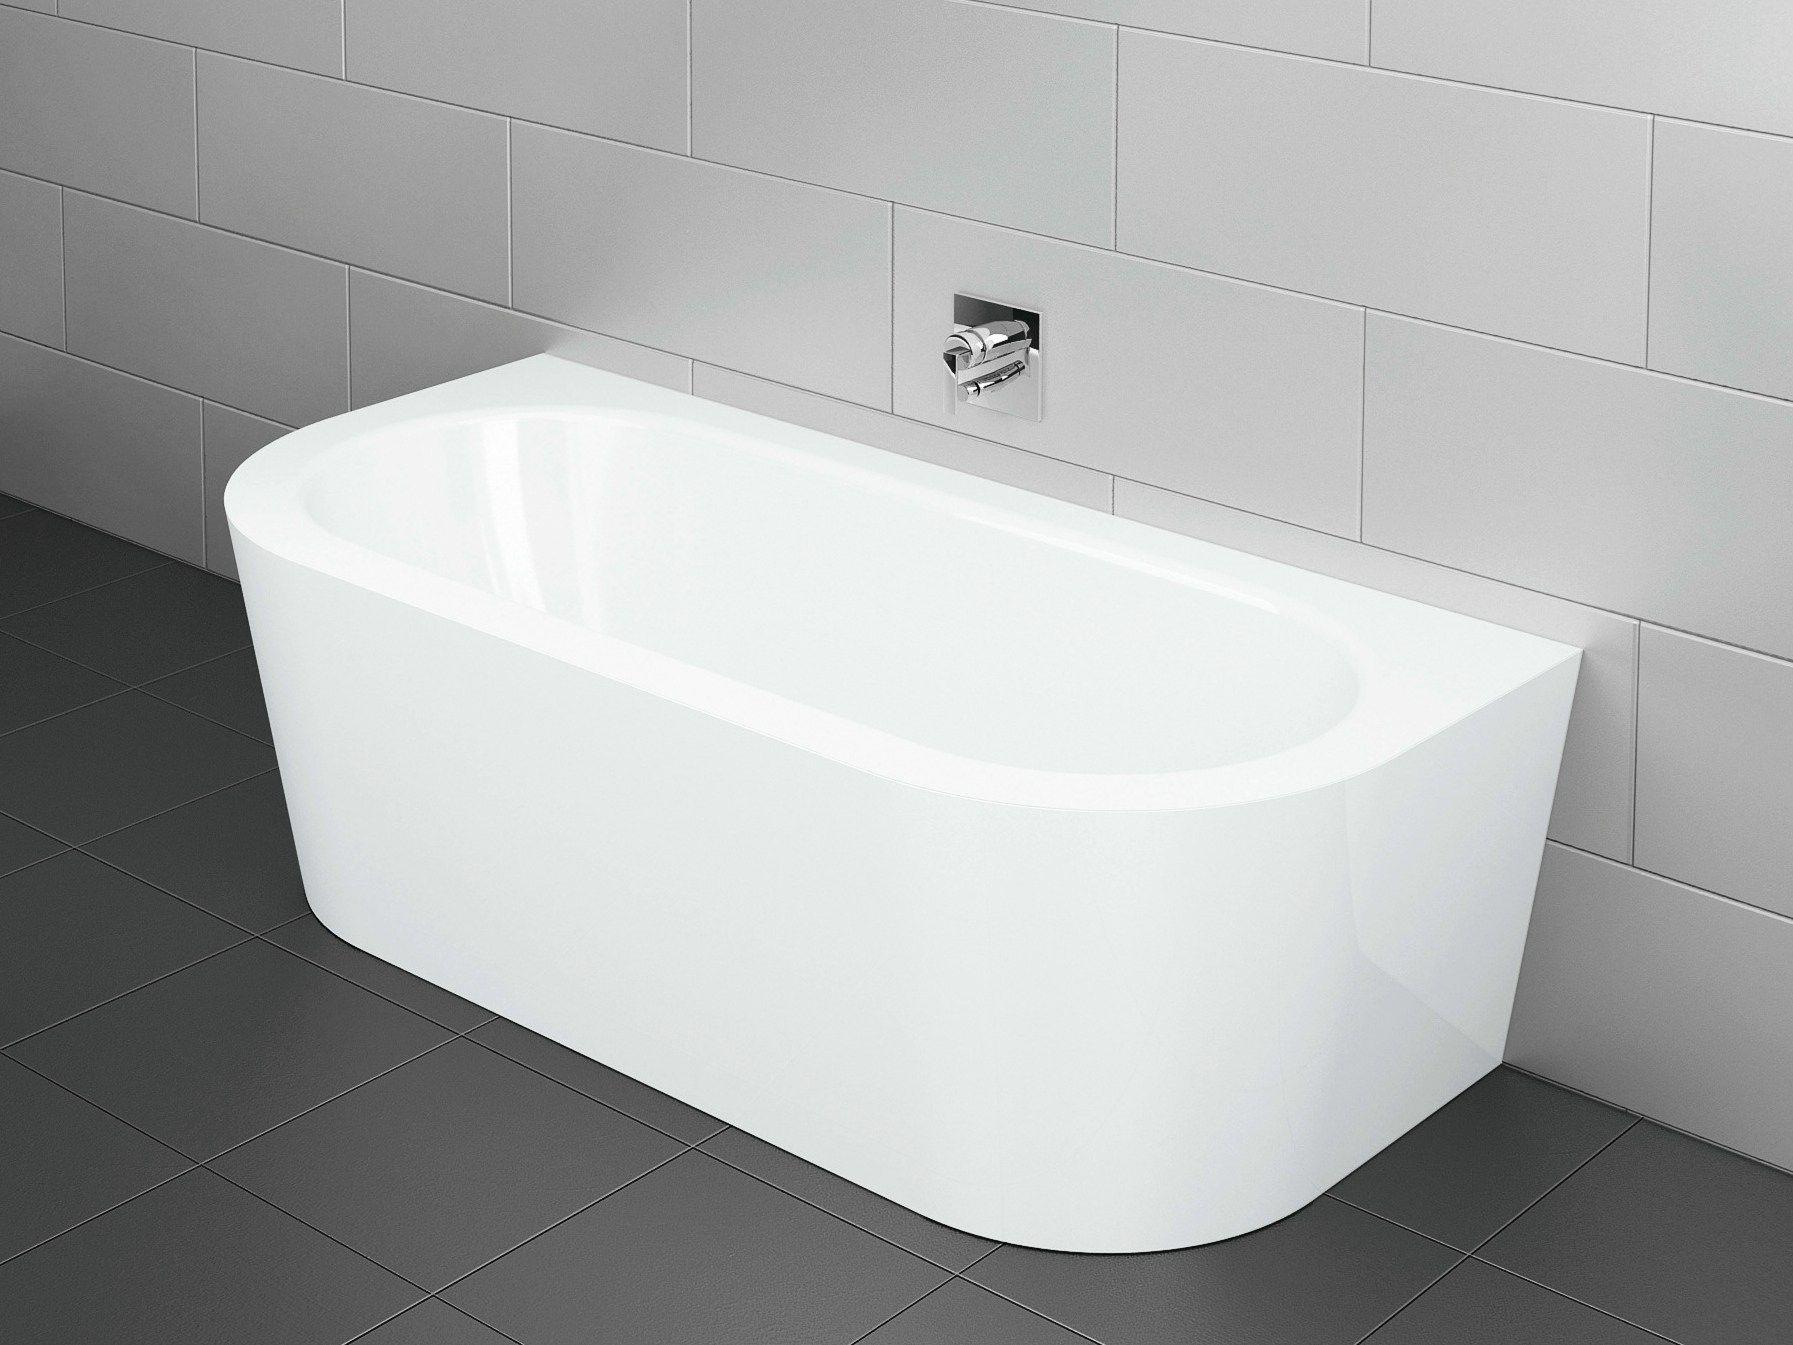 Badewannen Stahl Email Preisvergleich : bad duschen und badewannen badewannen